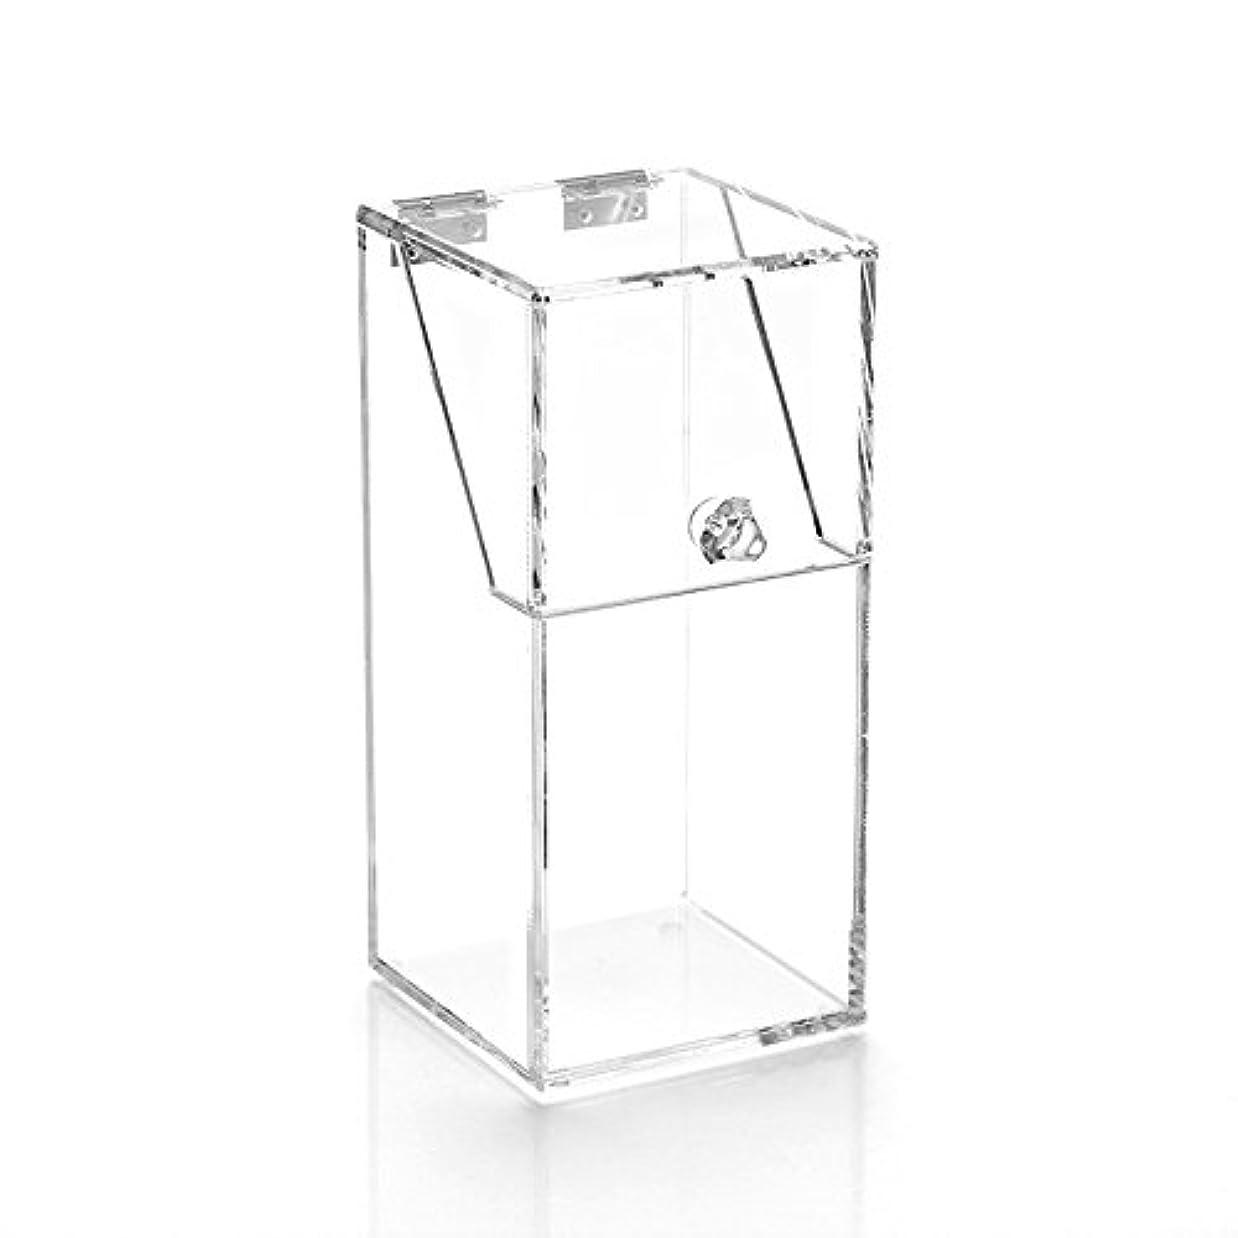 話等ワーカーYouth Union ブラシ収納ボックス、大容量のストレージボックス透明なアクリル (10*10*21.5CM)